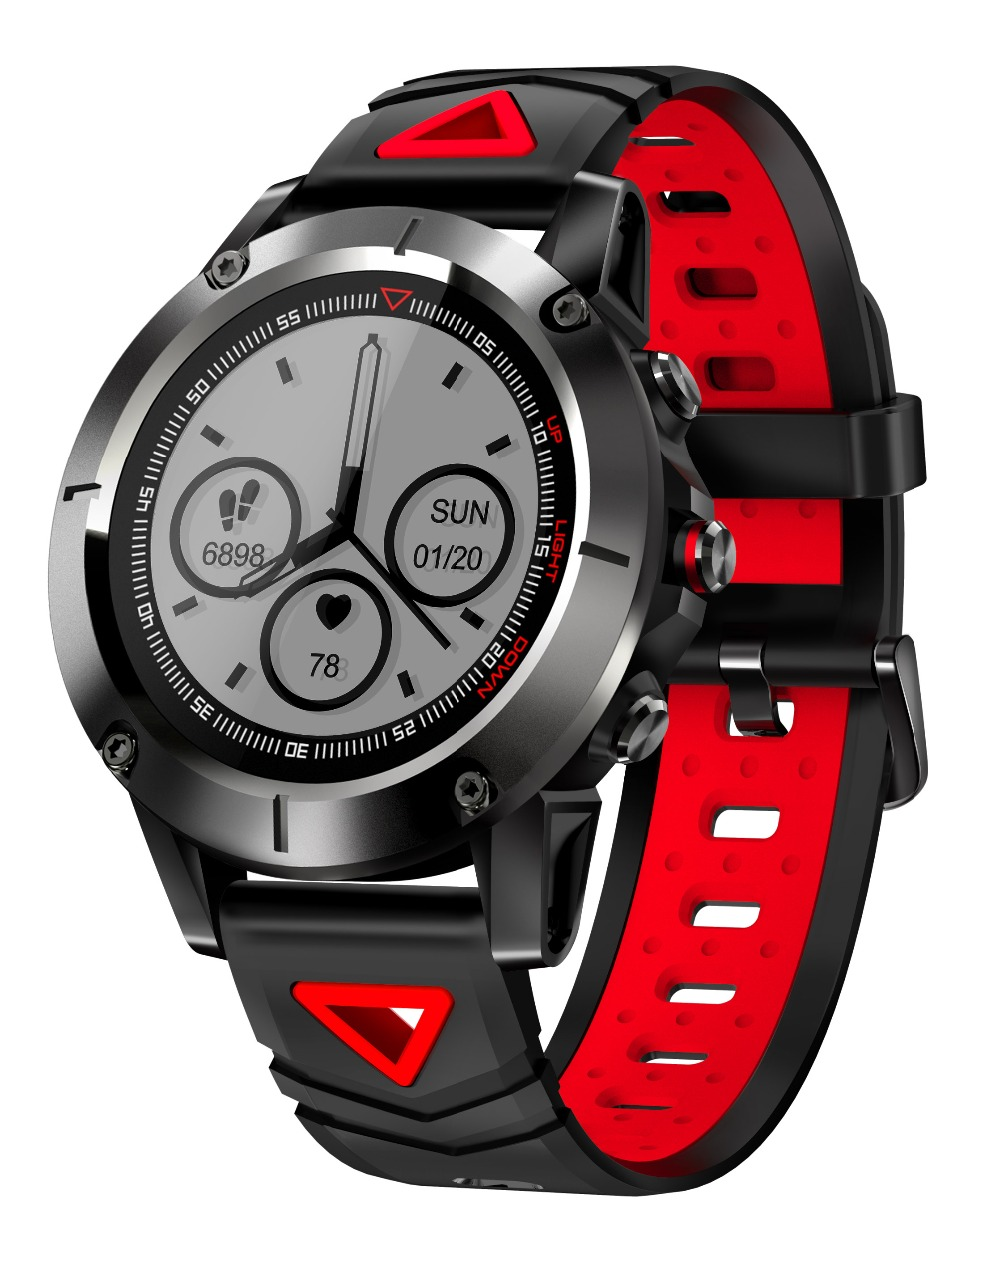 Moonlinks G01 gps Смарт-часы Для мужчин IP68 Водонепроницаемый крови Давление беспроводной наручные часы Спорт компас Smartwatch для IOS и Android